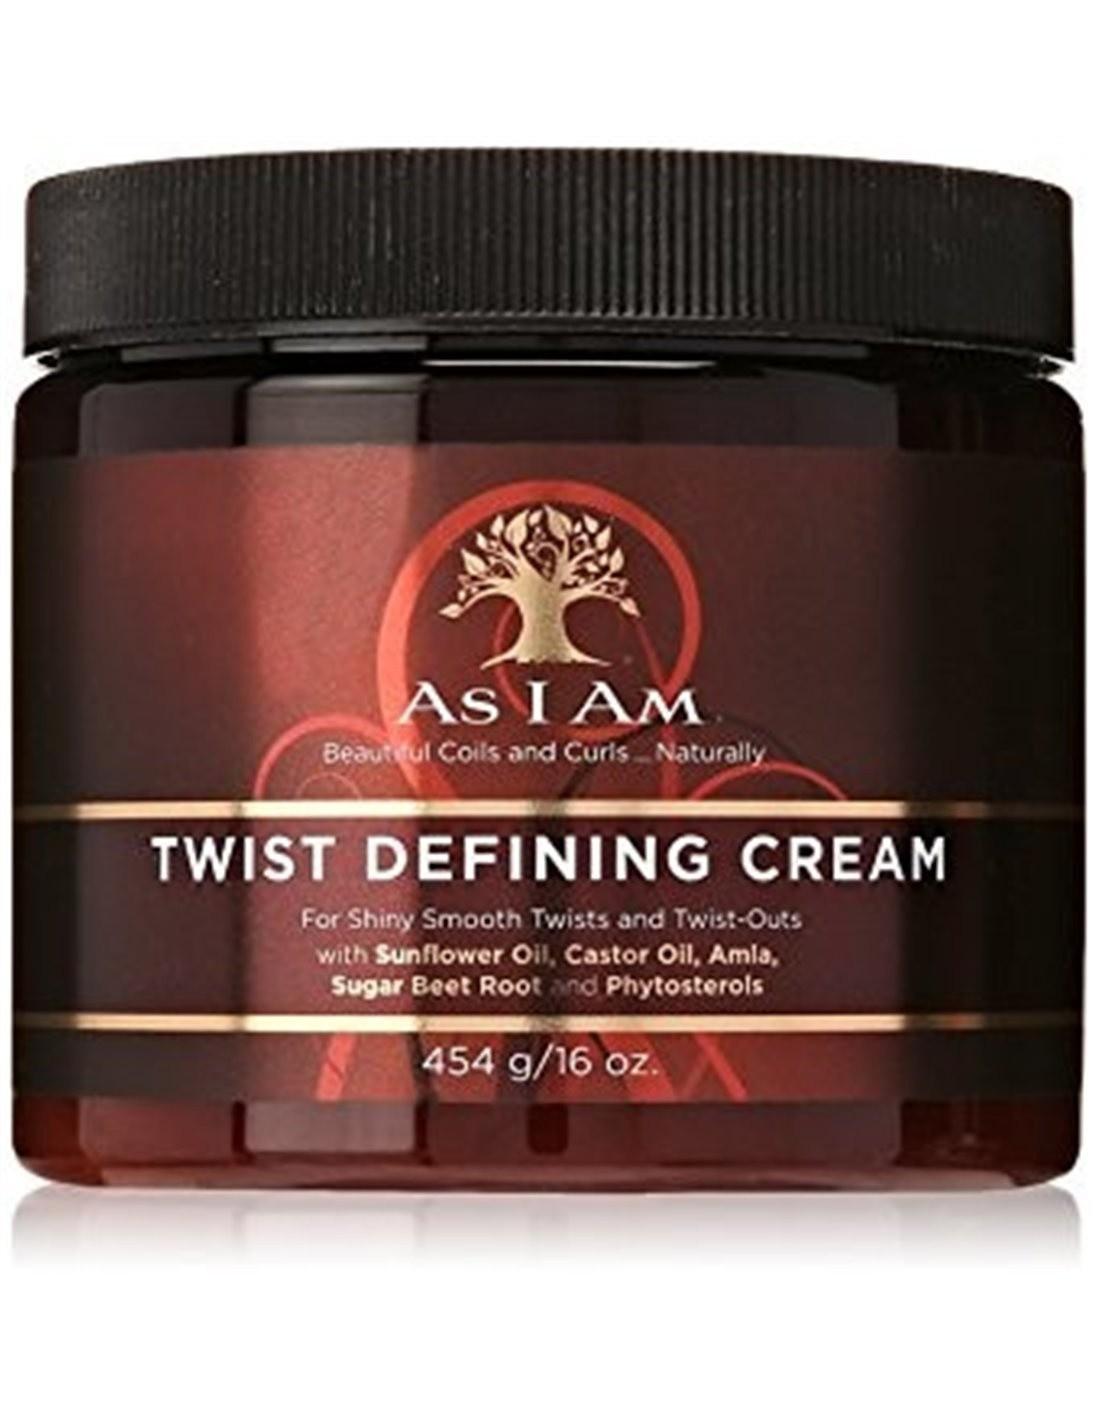 AS I AM Twist Defining Cream 16oz